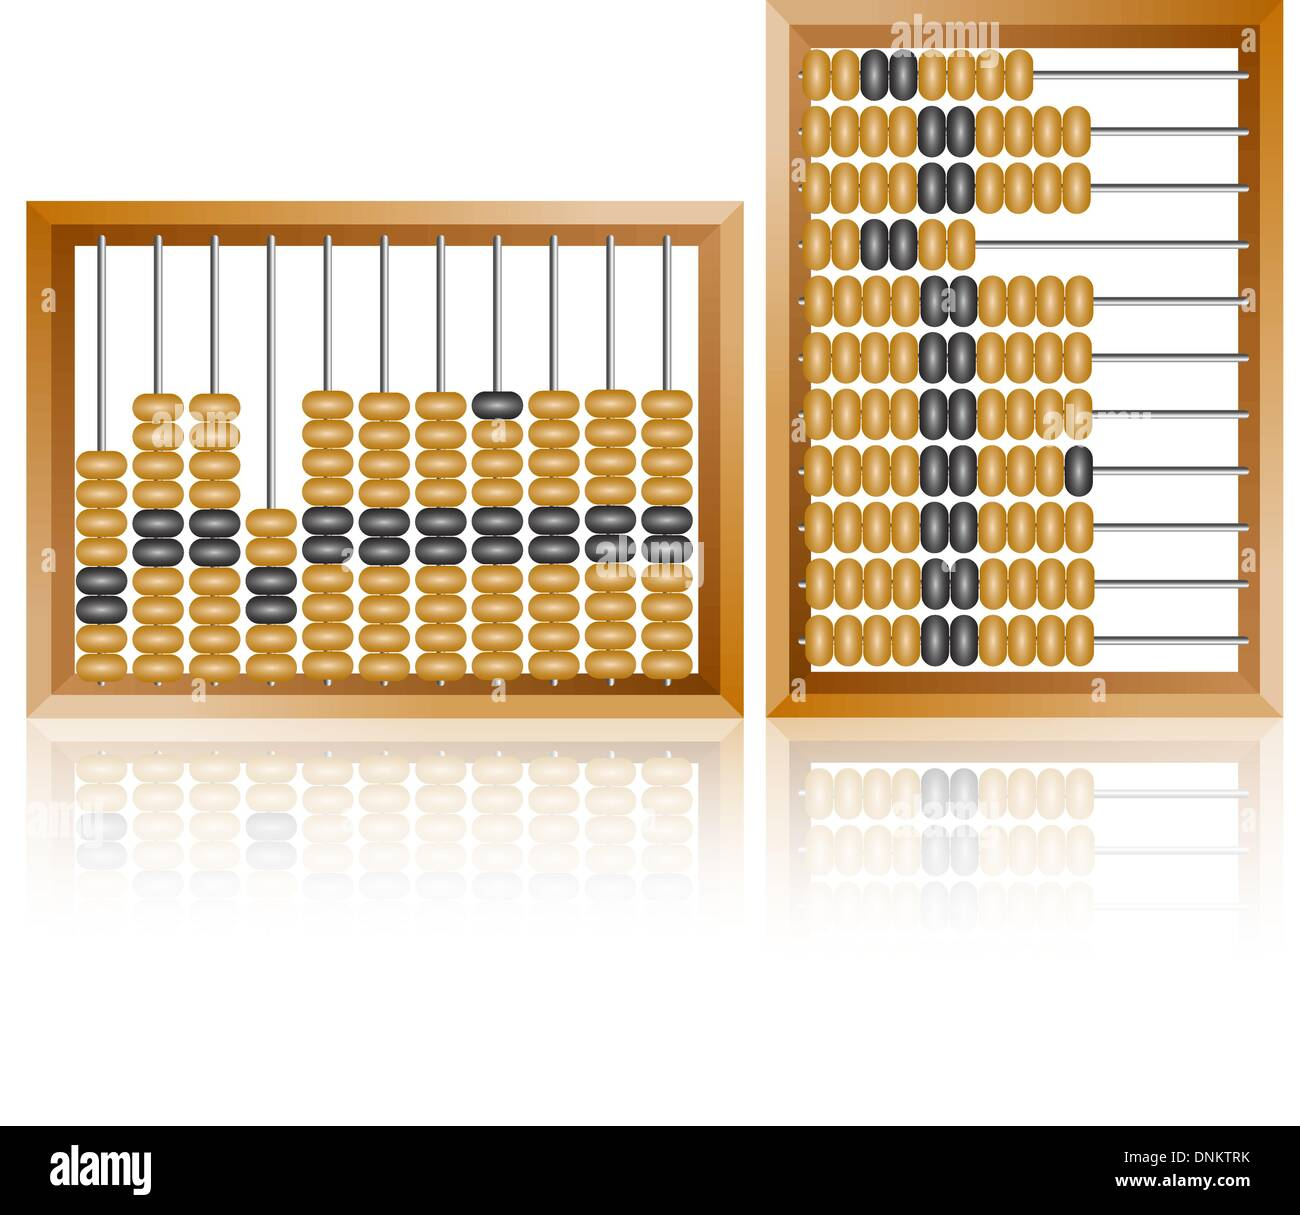 Abacus contabile per i calcoli finanziari giace su un fondo bianco Illustrazione Vettoriale